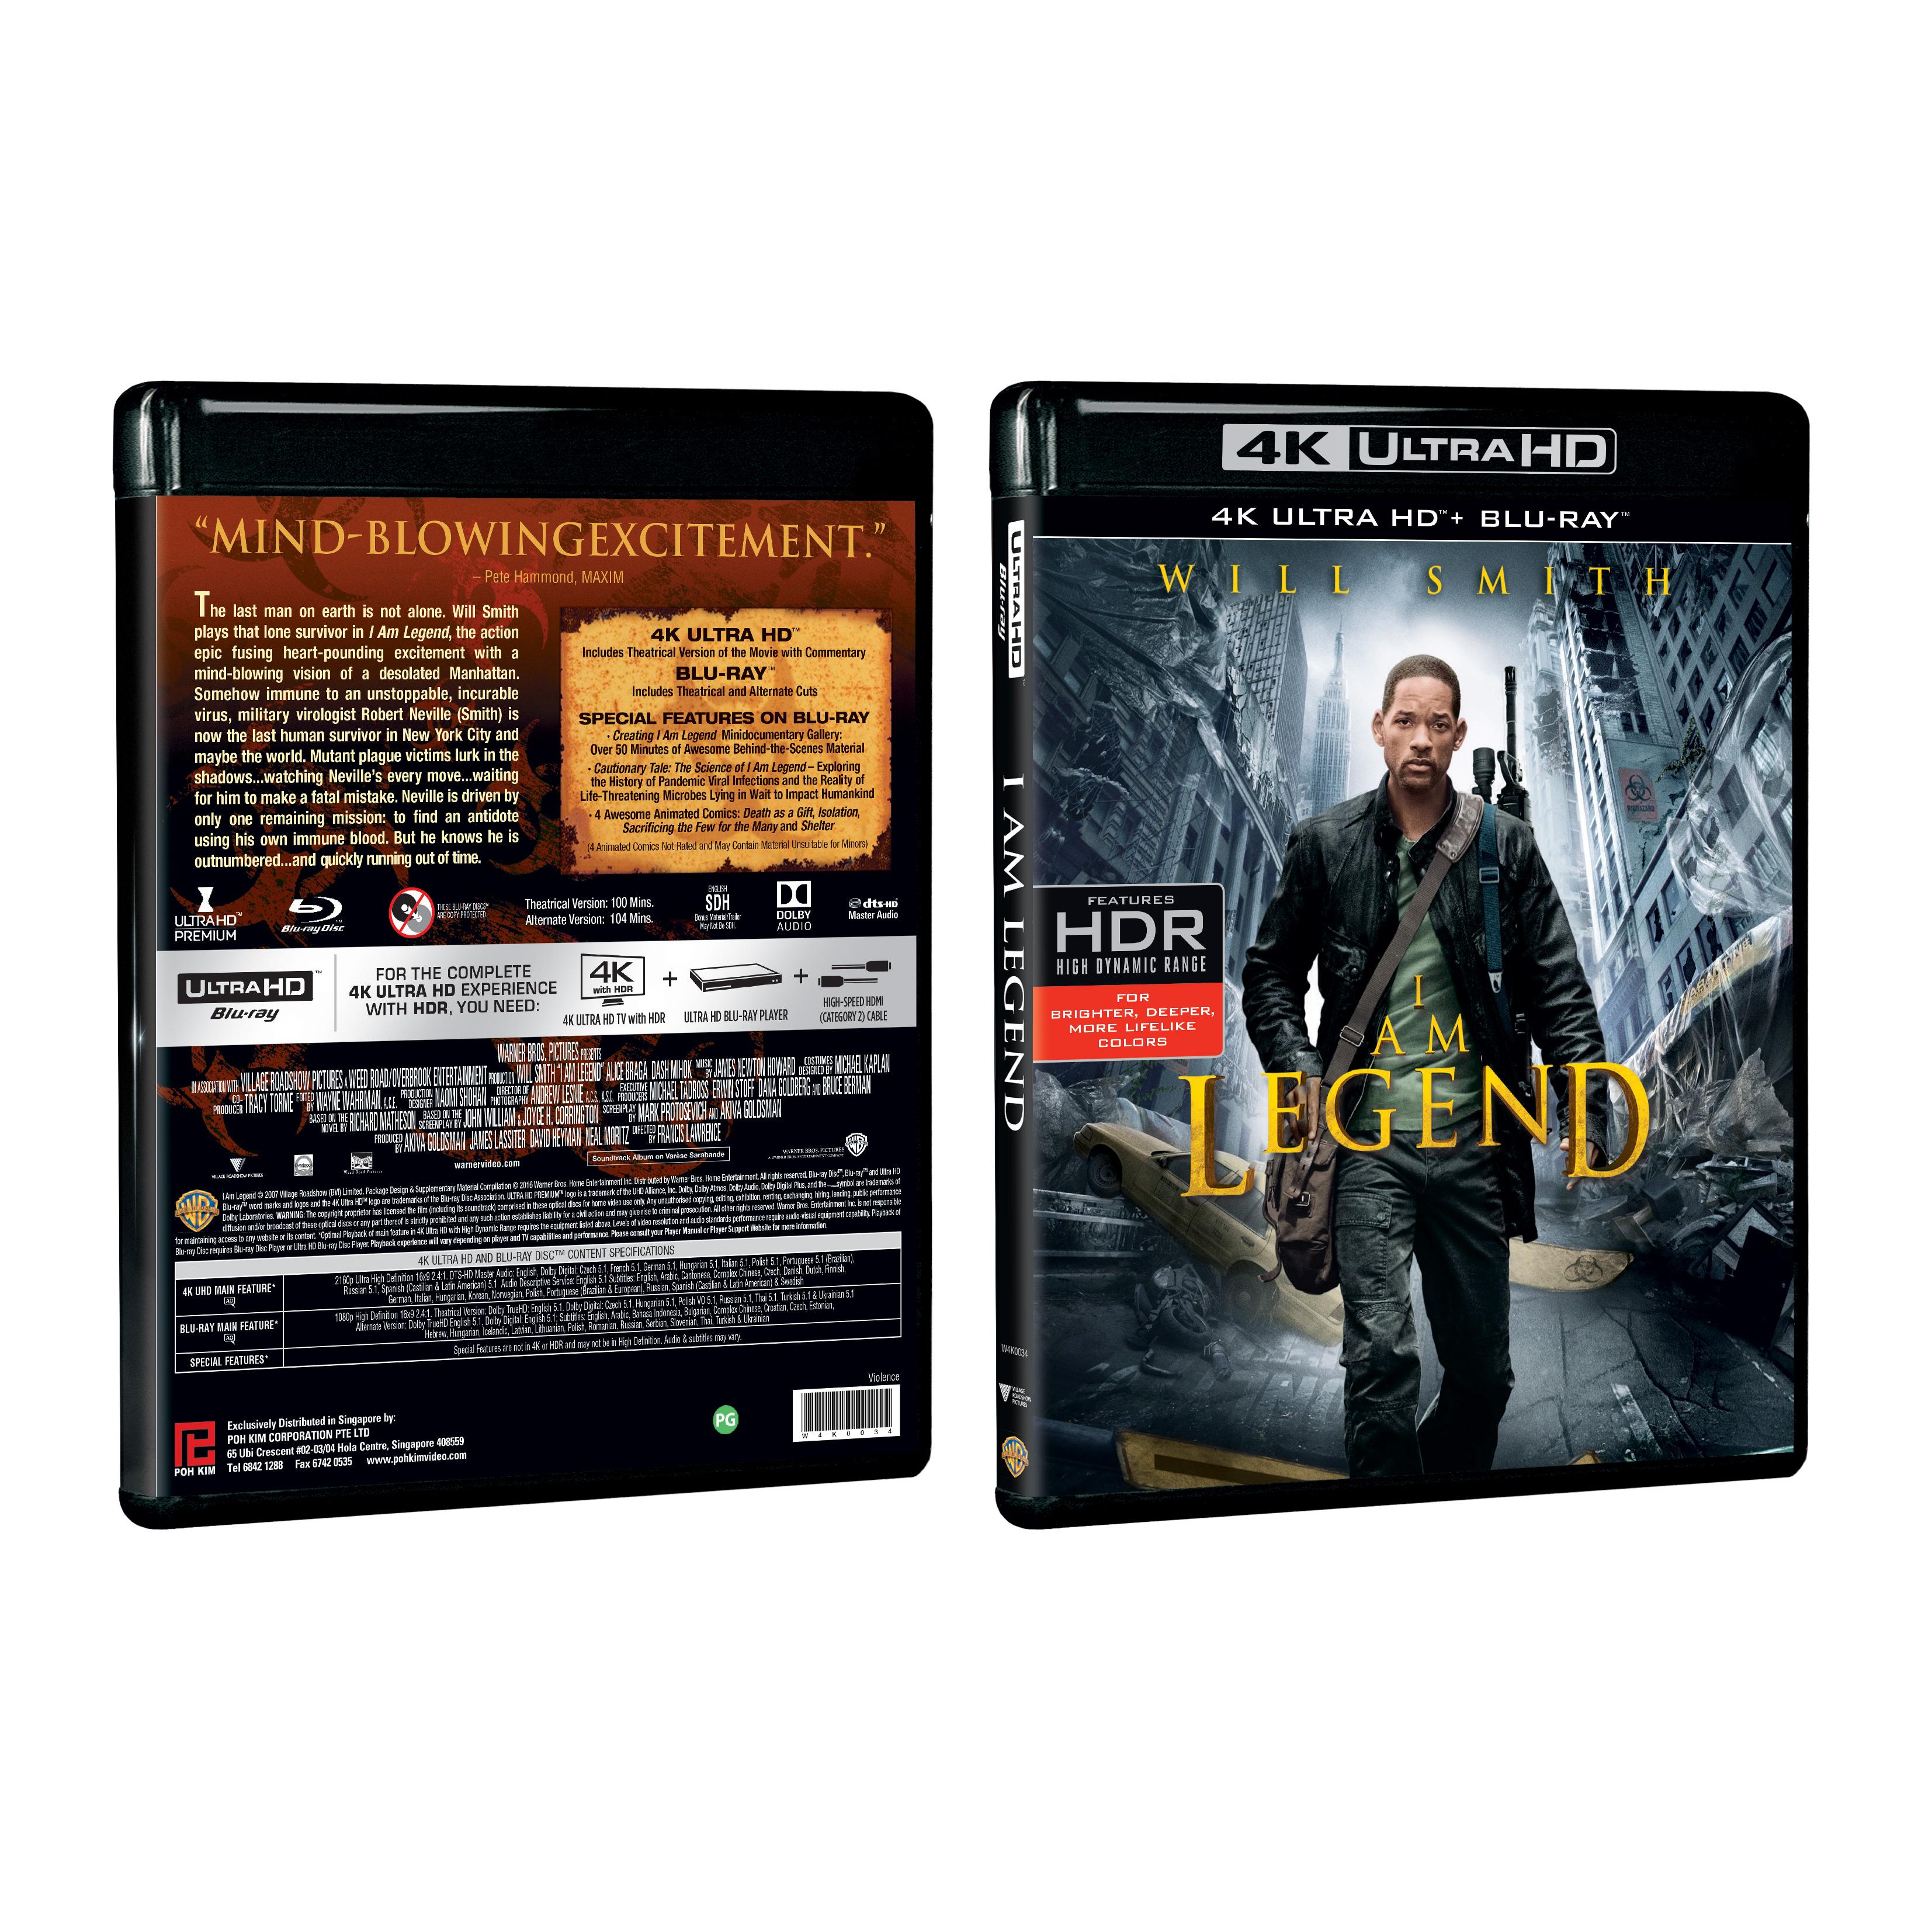 I am Legend (4K Ultra HD + Blu-ray)